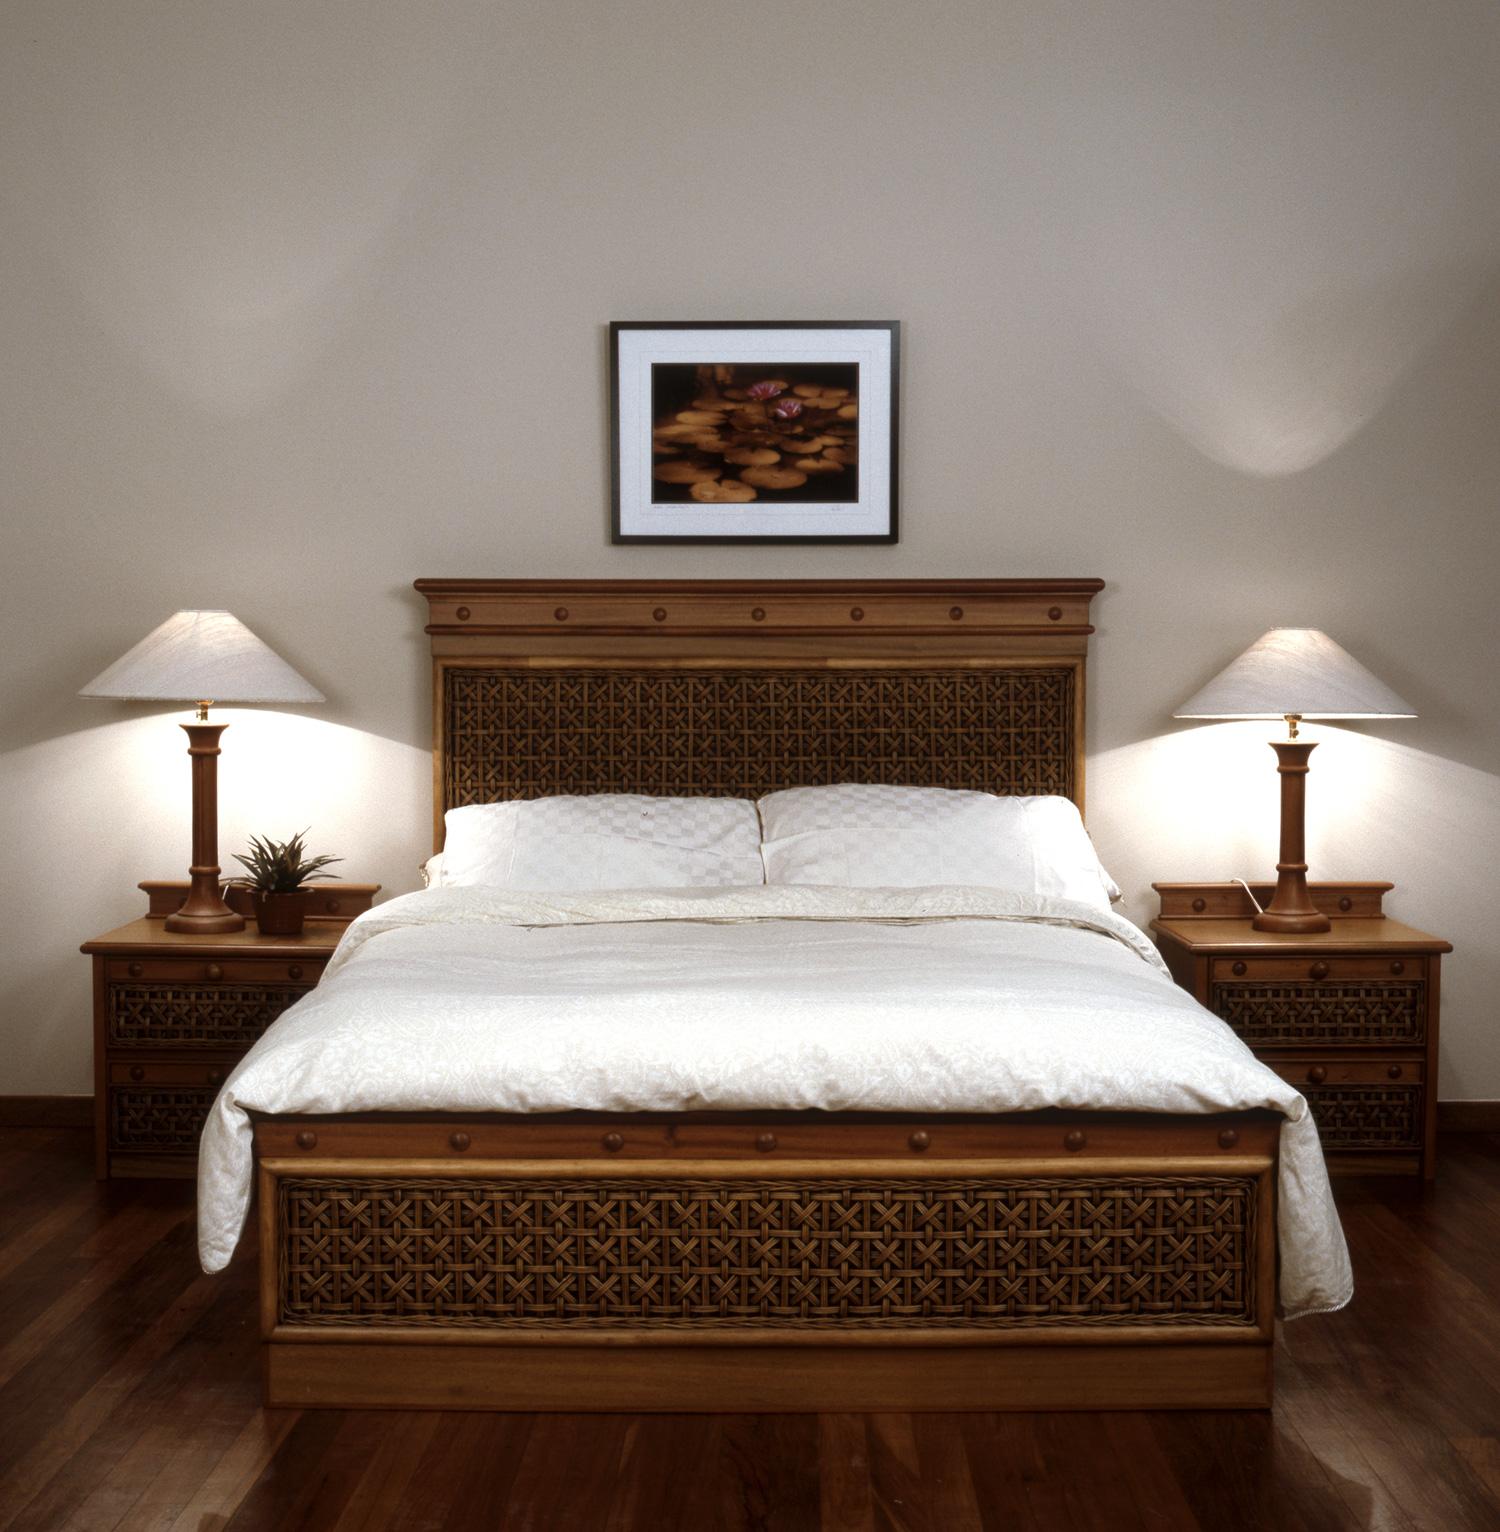 Barbara Rattan Bedroom Furniture